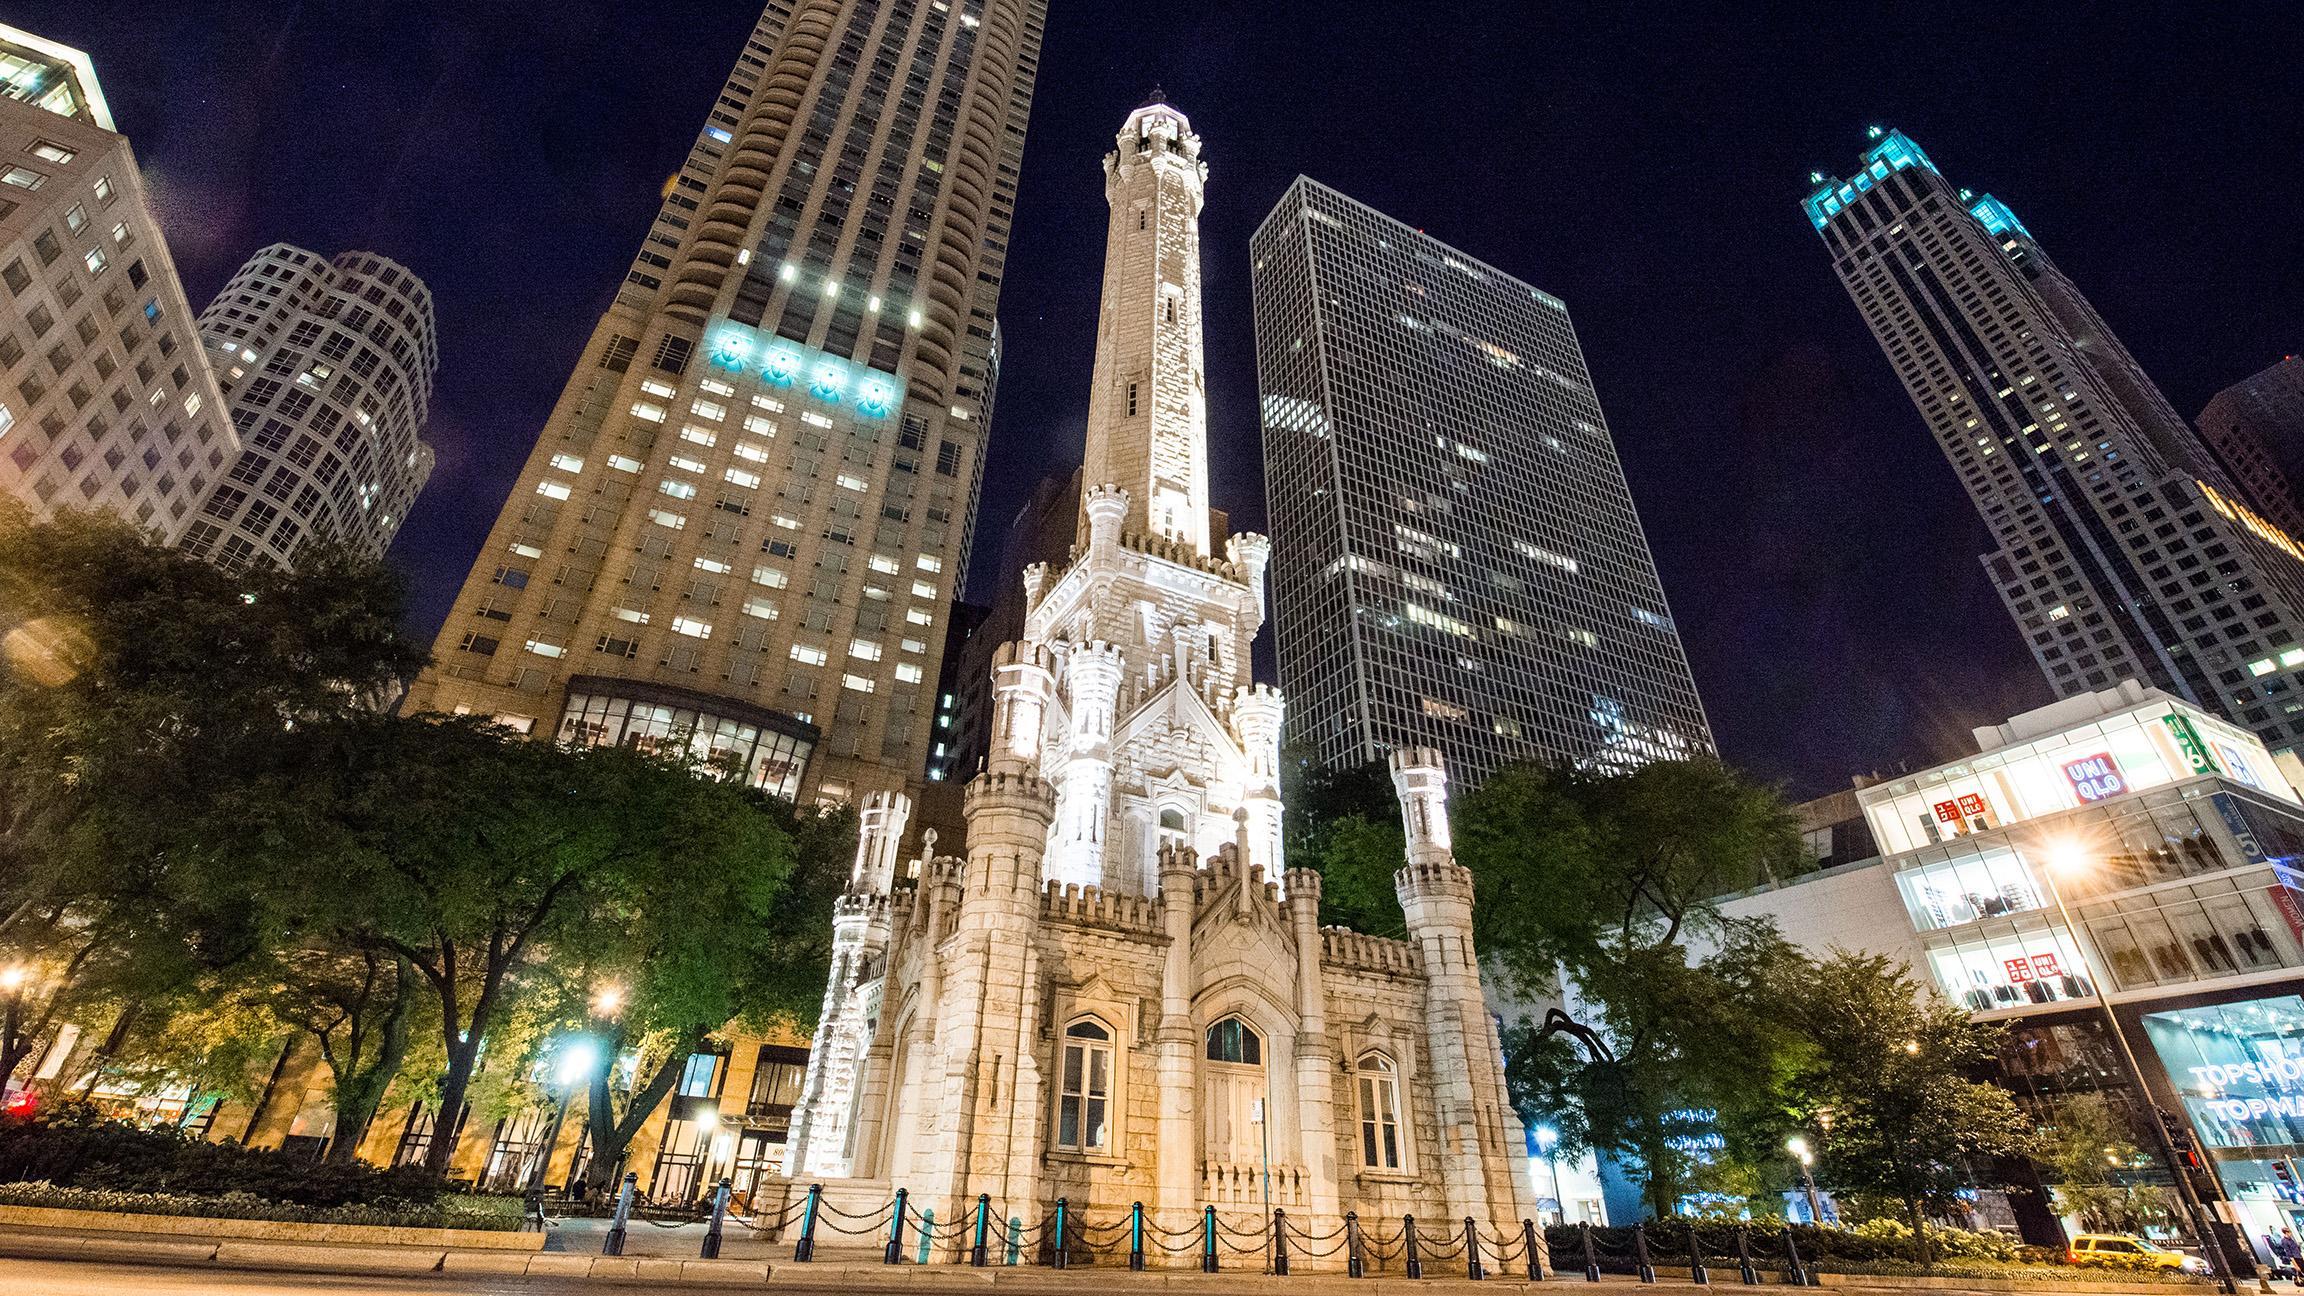 Geoffrey White Castle Inspired Chicago Water Tower Tonight Wttw